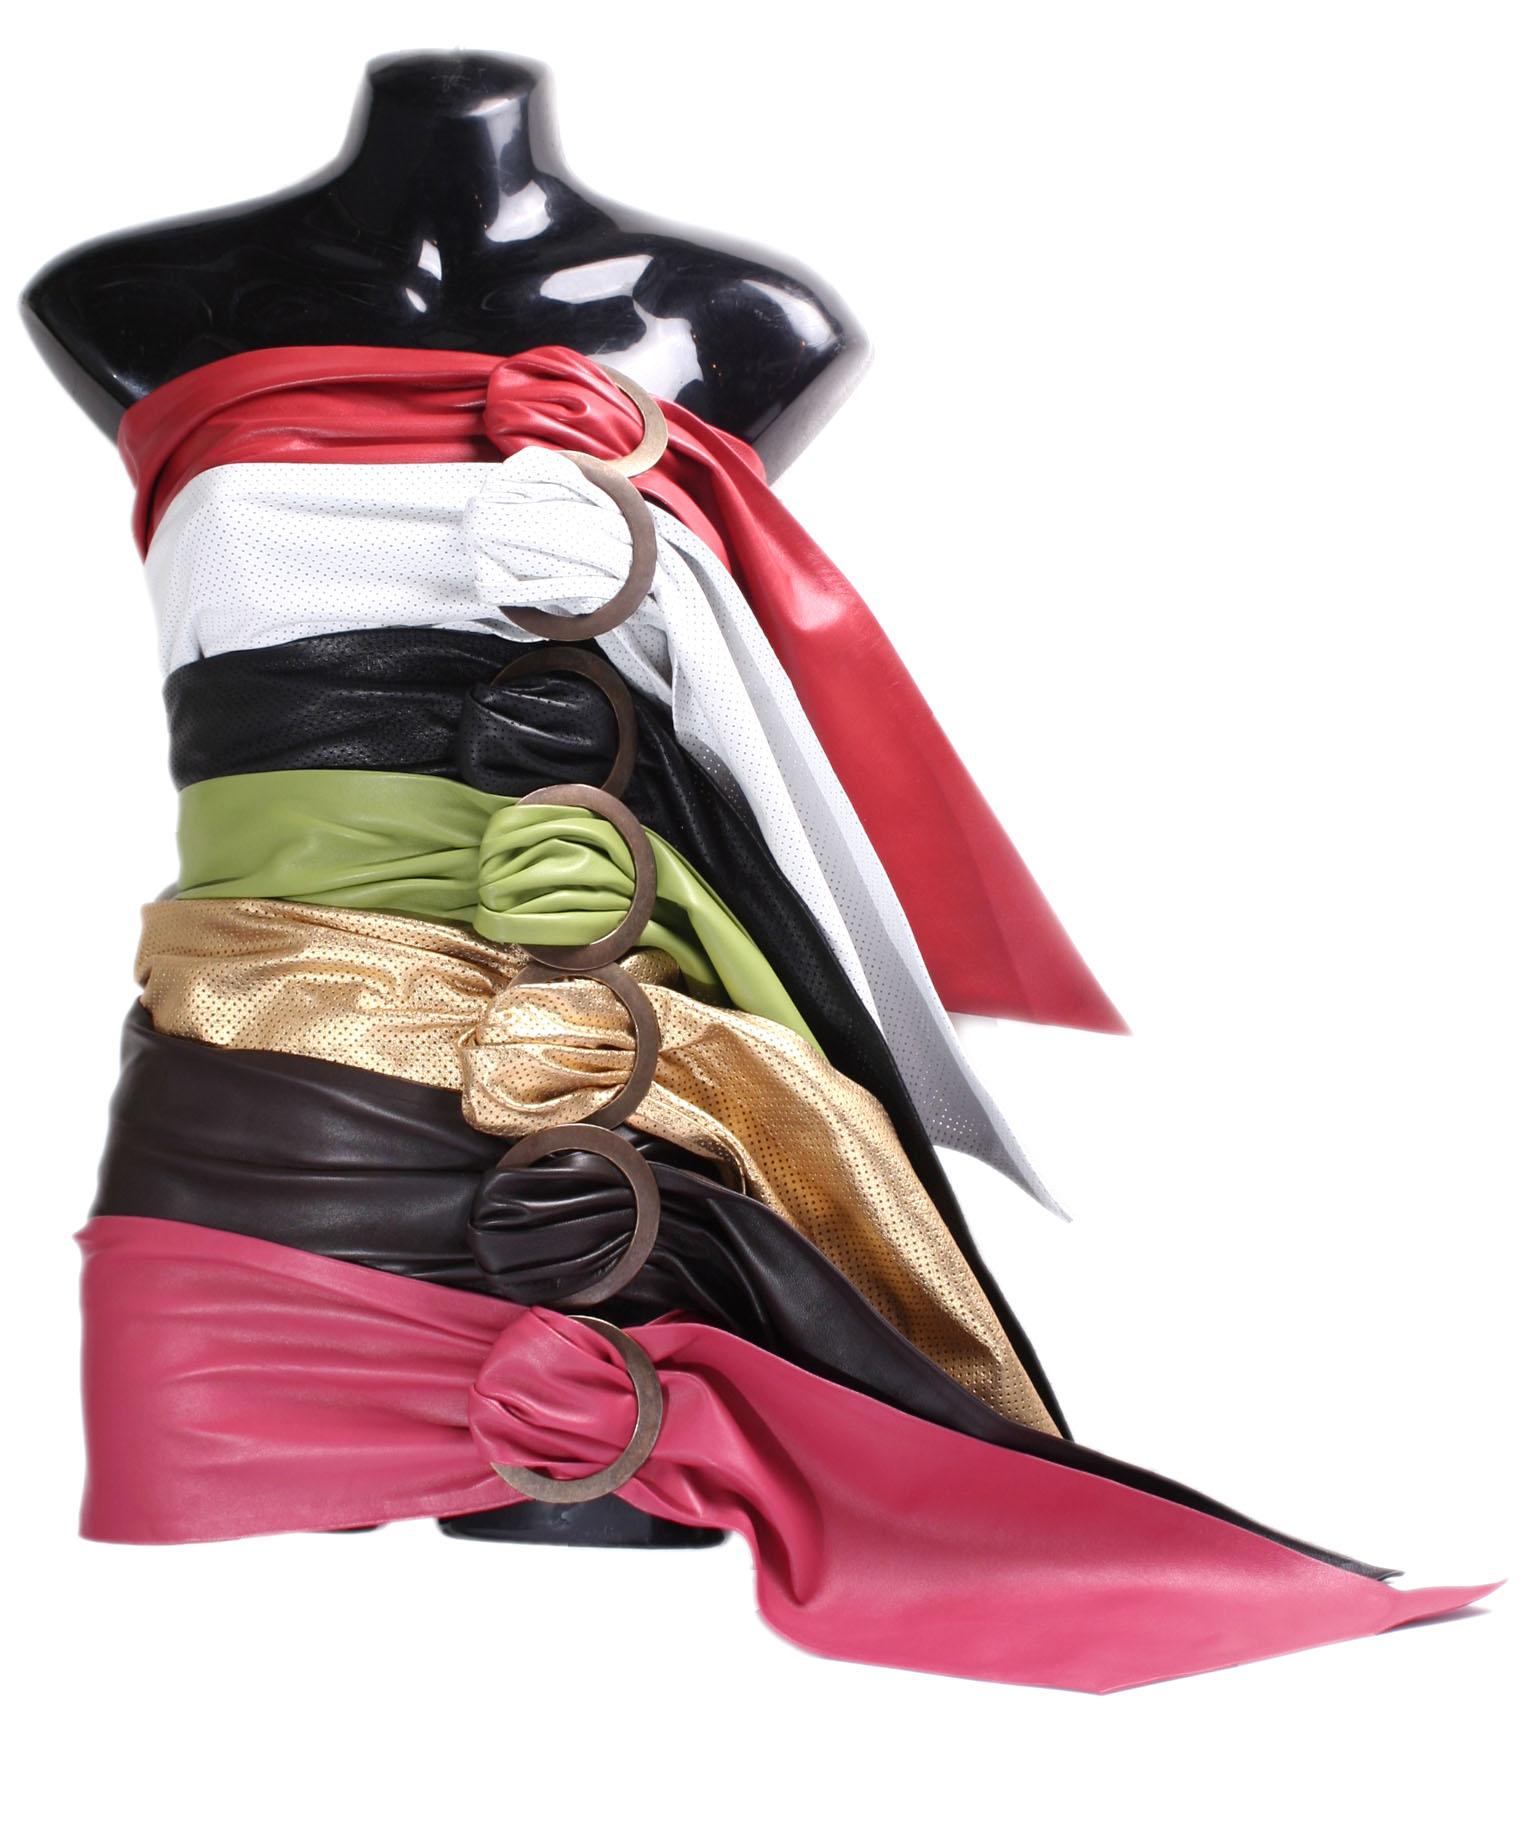 Katalog ponudb(naročate na blagajni) Belts